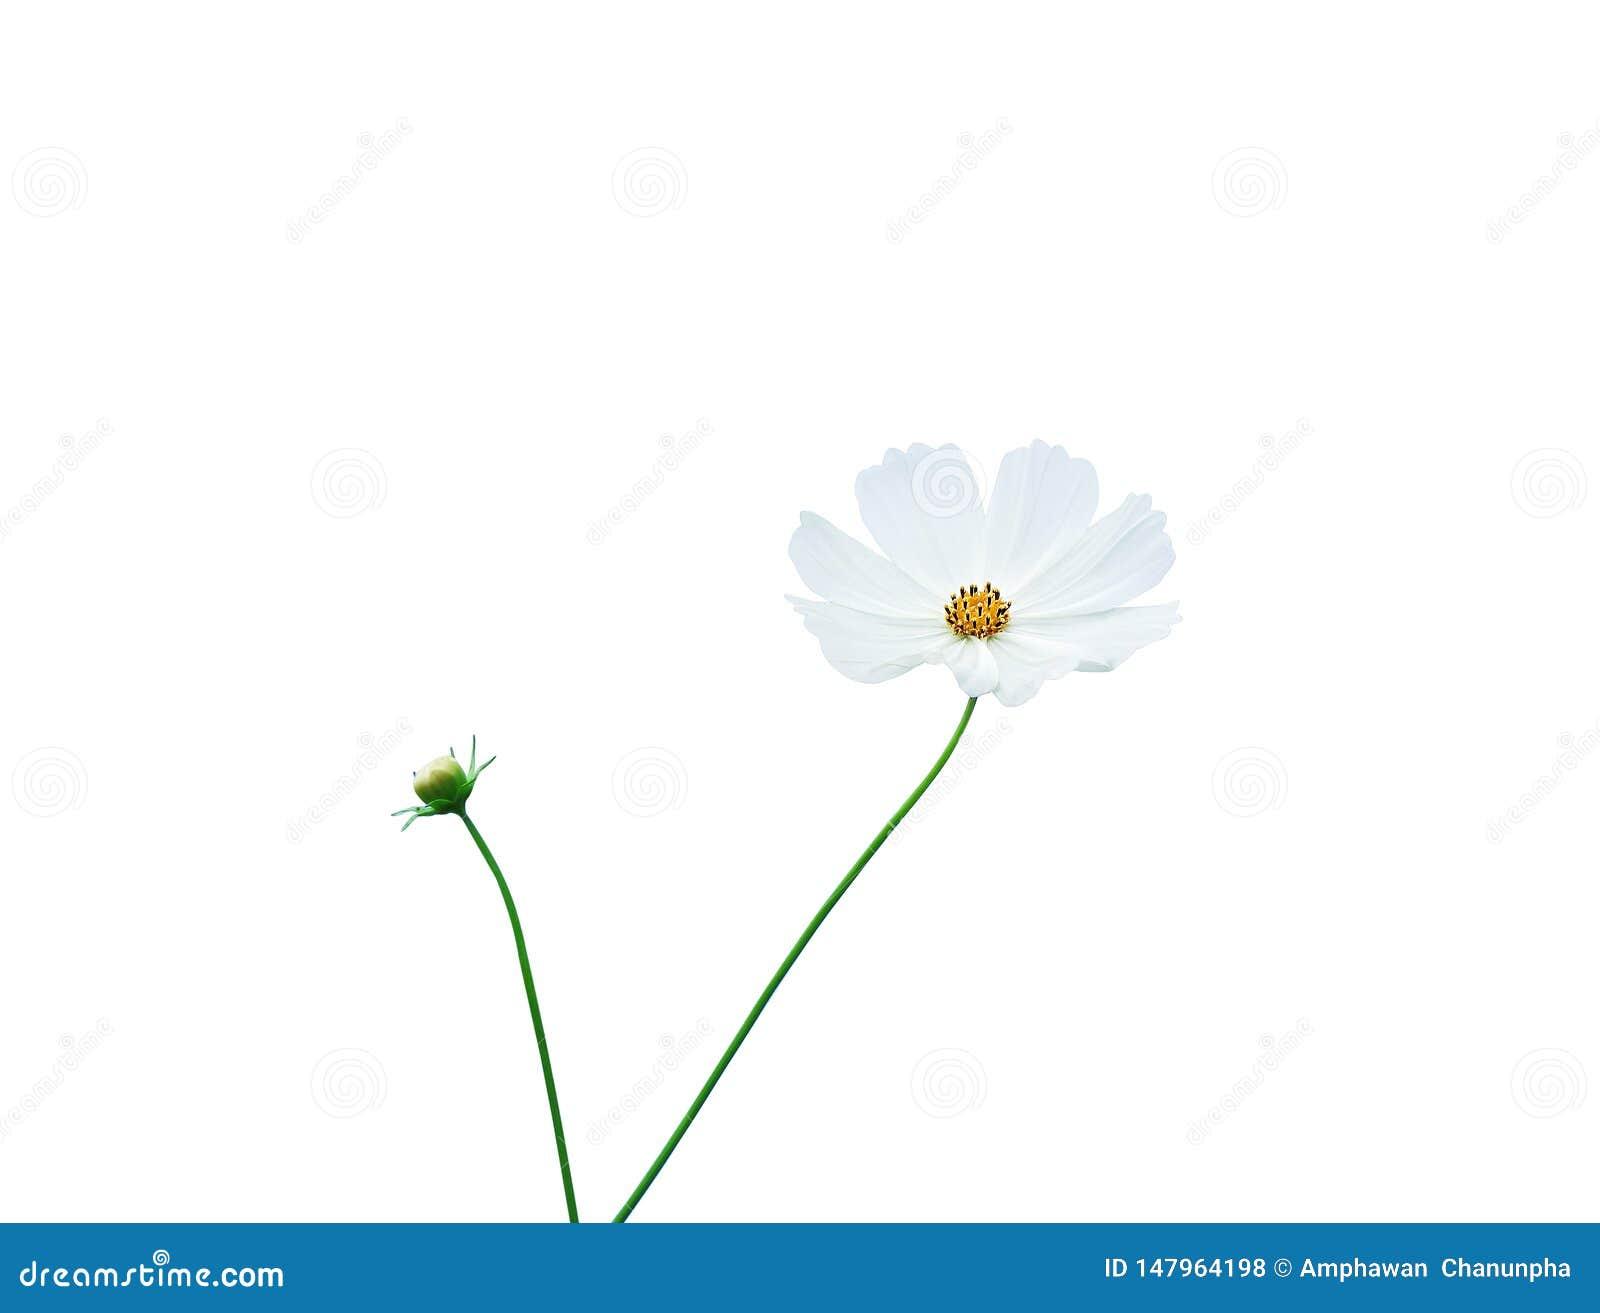 Fiori messicani dell aster o petalo bianco dell universo con il modello giallo del polline ed il gambo verde isolati su fondo con